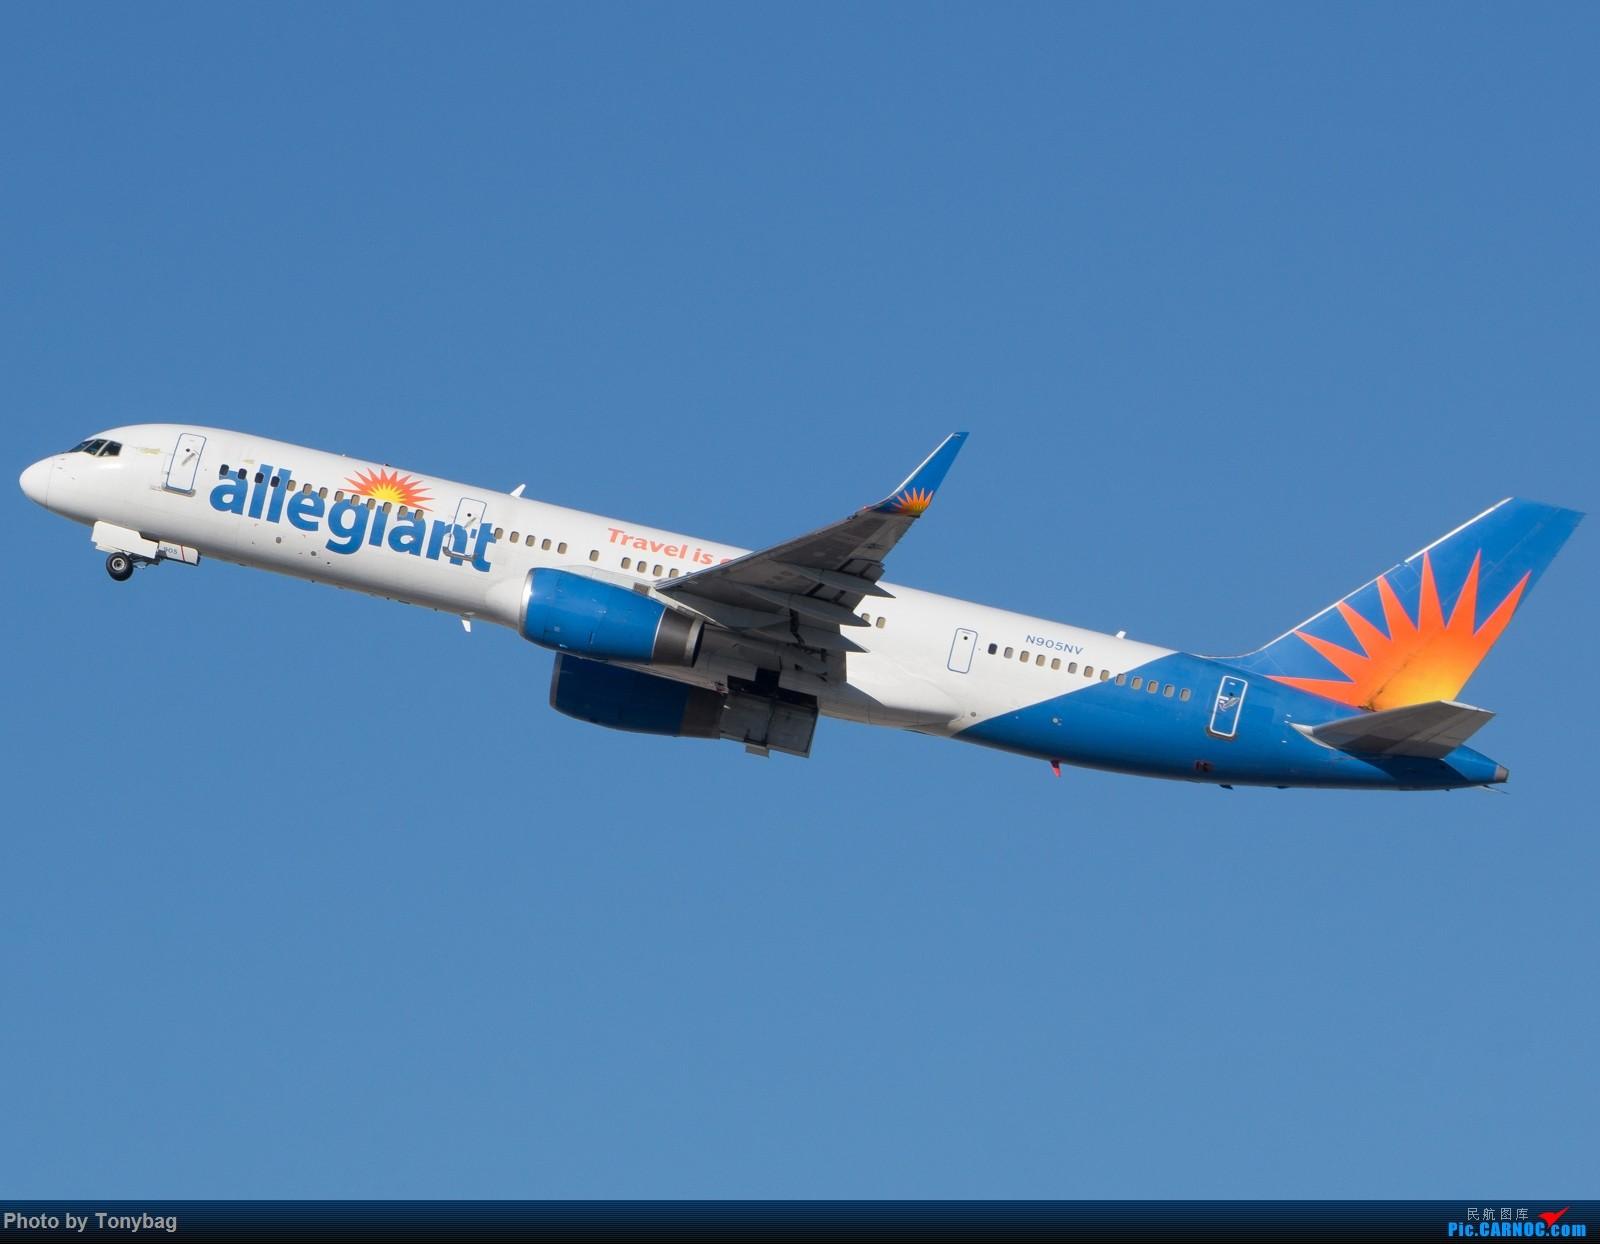 Re:[原创]【LAS】美廉航忠实航空老飞机 BOEING 757-200 N905NV 拉斯维加斯麦卡伦国际机场